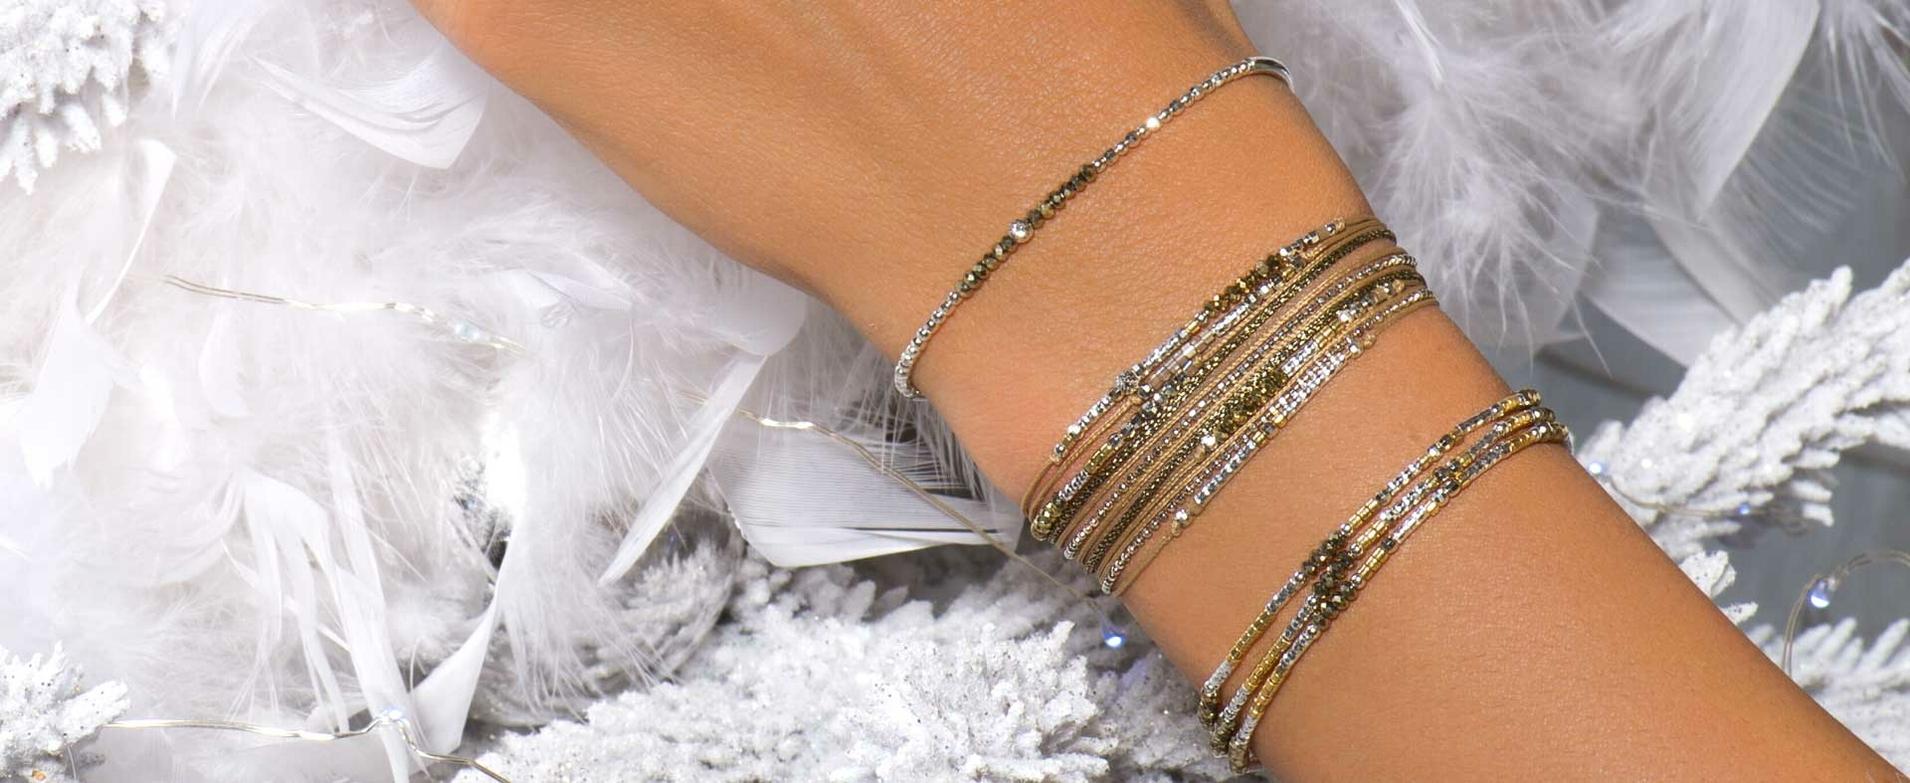 Bandeau-Categorie-Bracelets-Elastiques